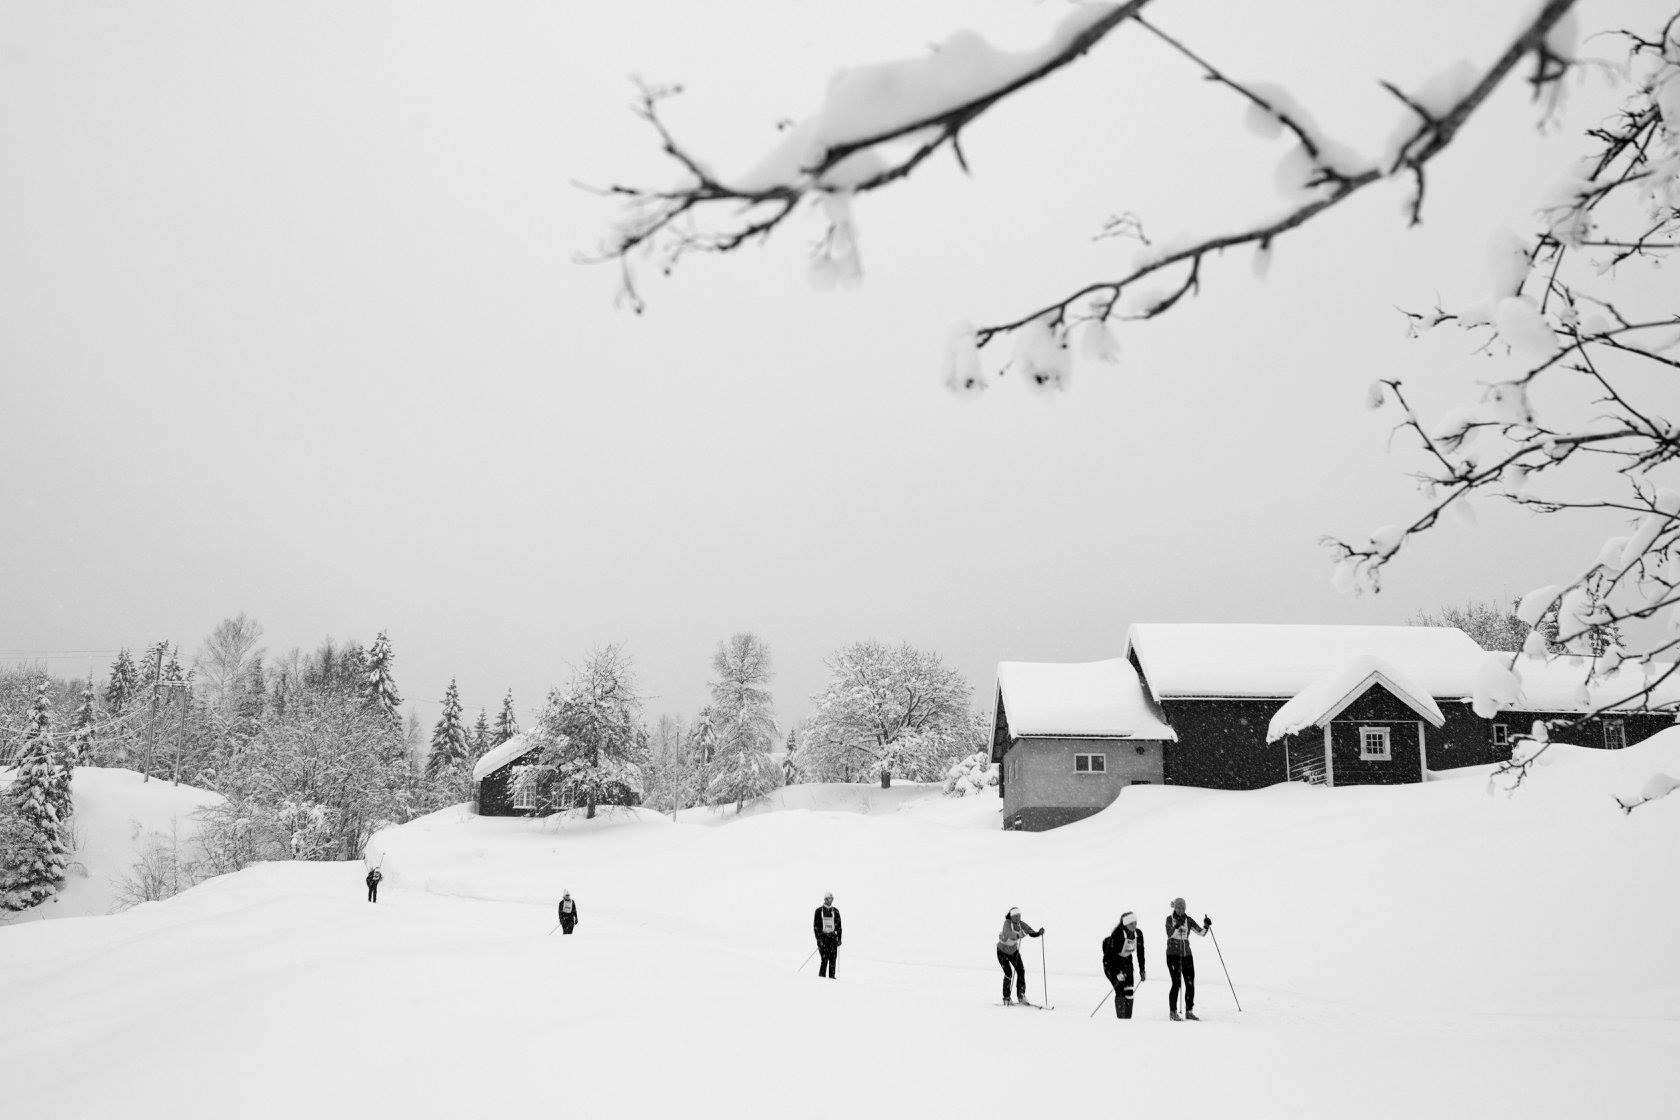 04_Fyllingen og bakkene opp til Appelsinhaugene_foto_Magnus_Nyløkken:Skiforeningen.jpg